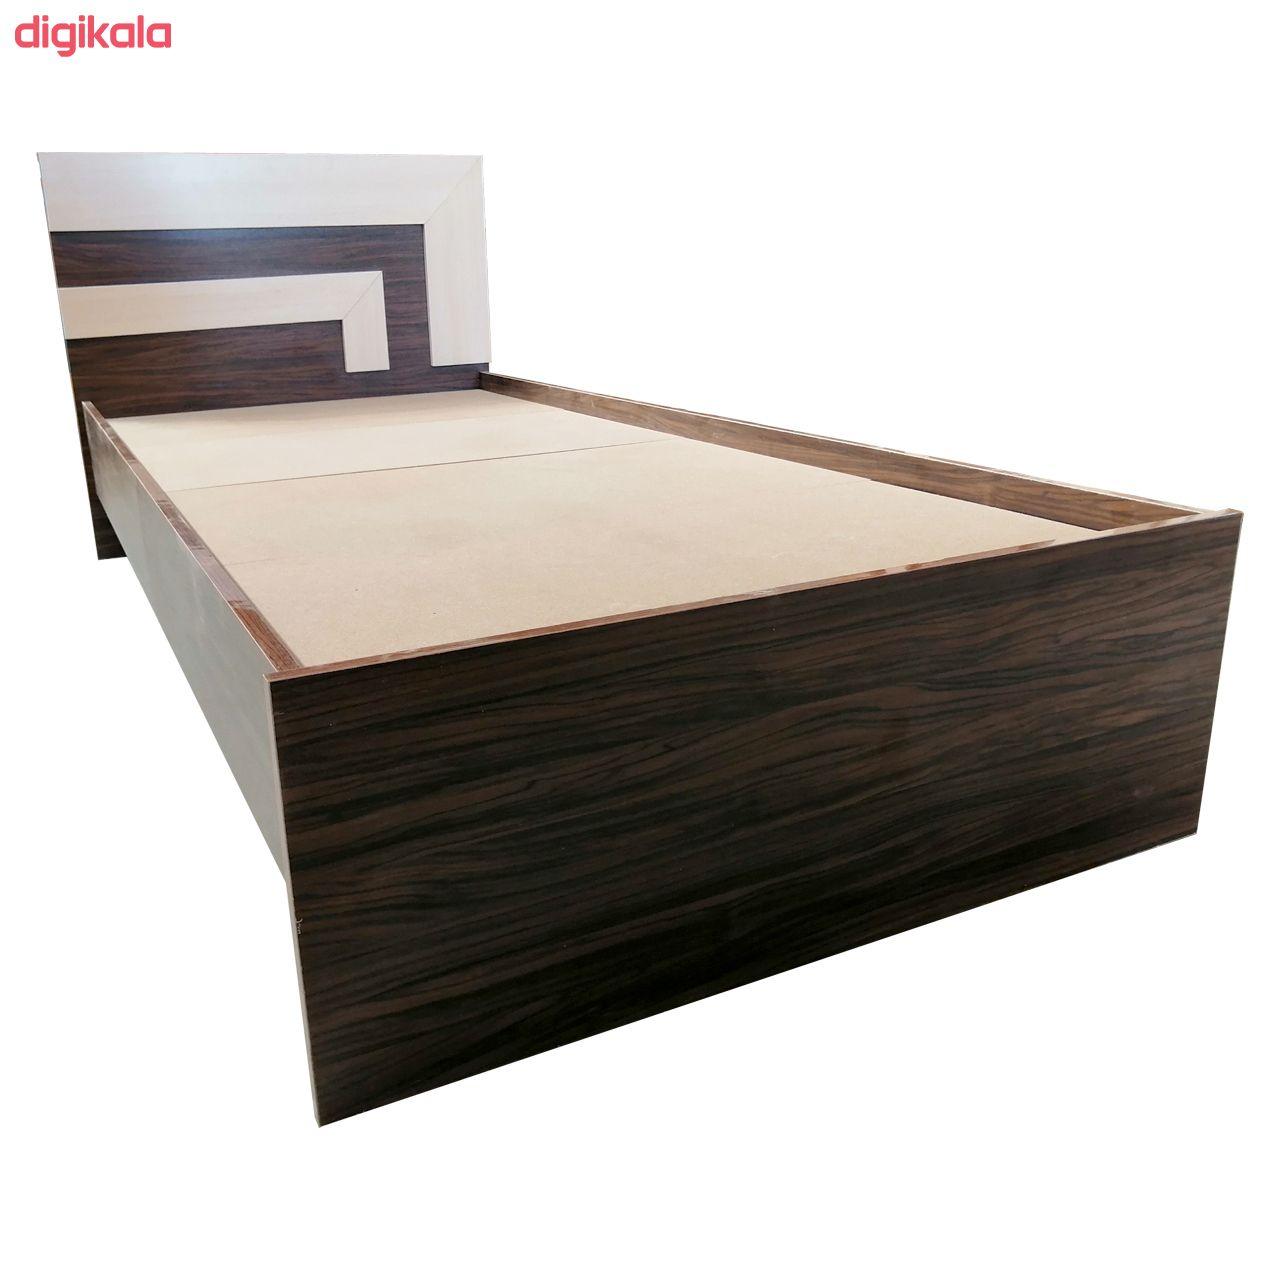 تخت خواب یک نفره مدل TB16 سایز 200x96 سانتی متر  main 1 3